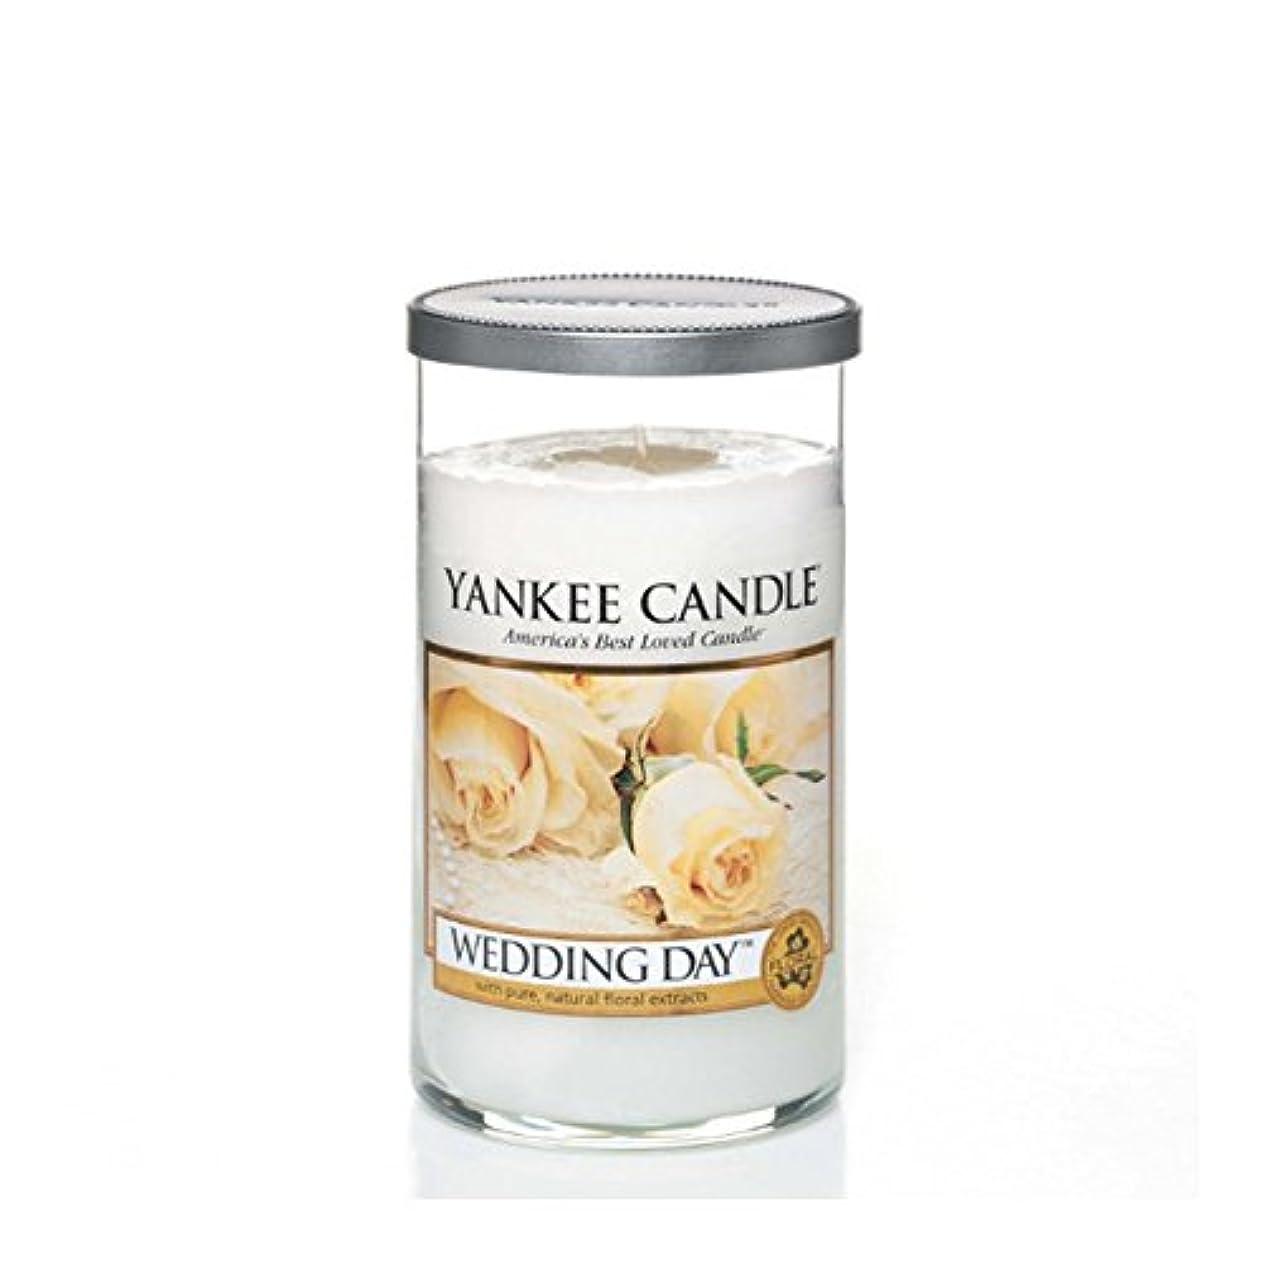 石炭ローン正直ヤンキーキャンドルメディアピラーキャンドル - 結婚式の日 - Yankee Candles Medium Pillar Candle - Wedding Day (Yankee Candles) [並行輸入品]